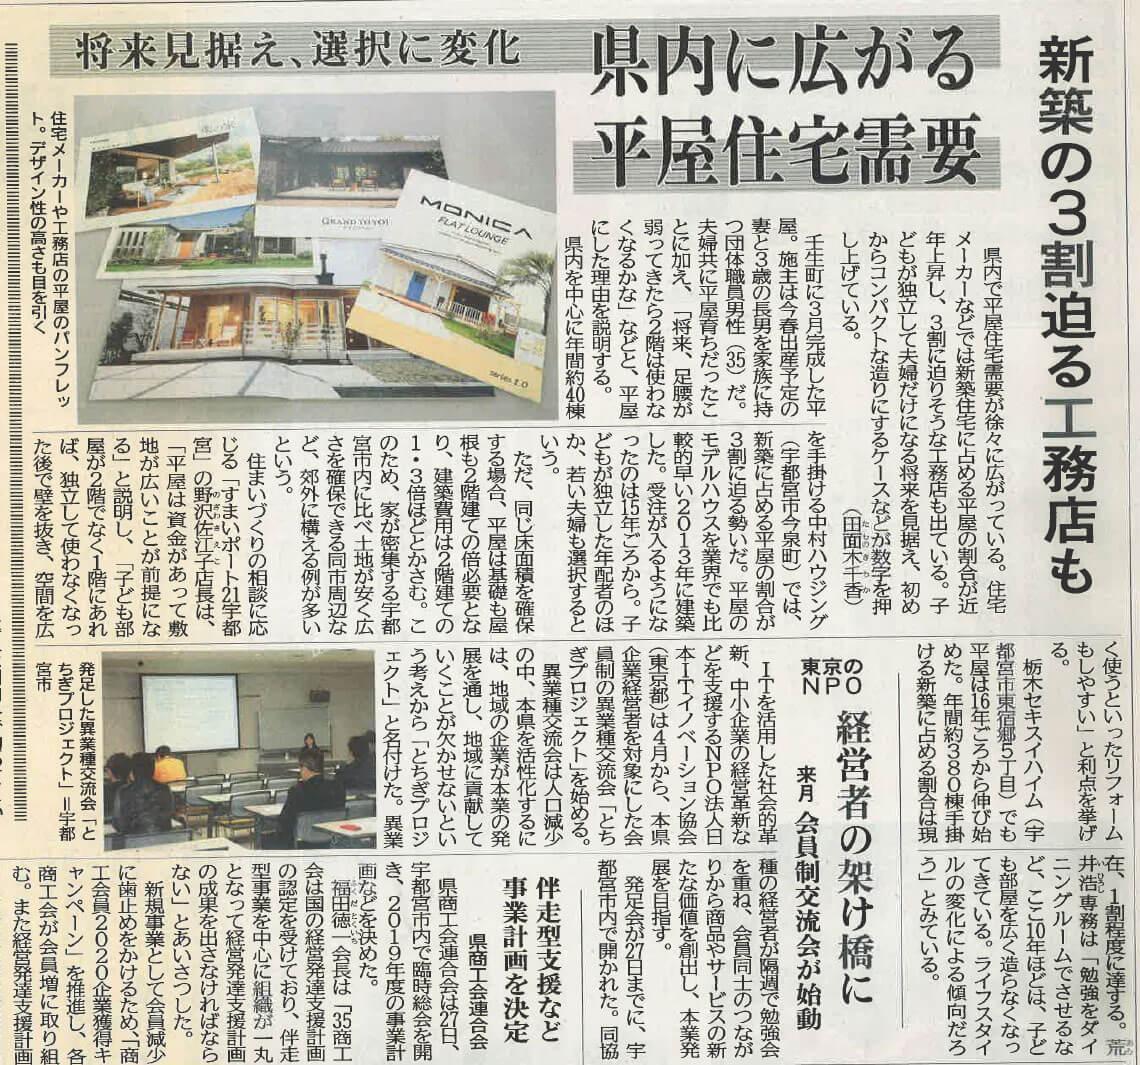 2019年3月28日 下野新聞 掲載記事